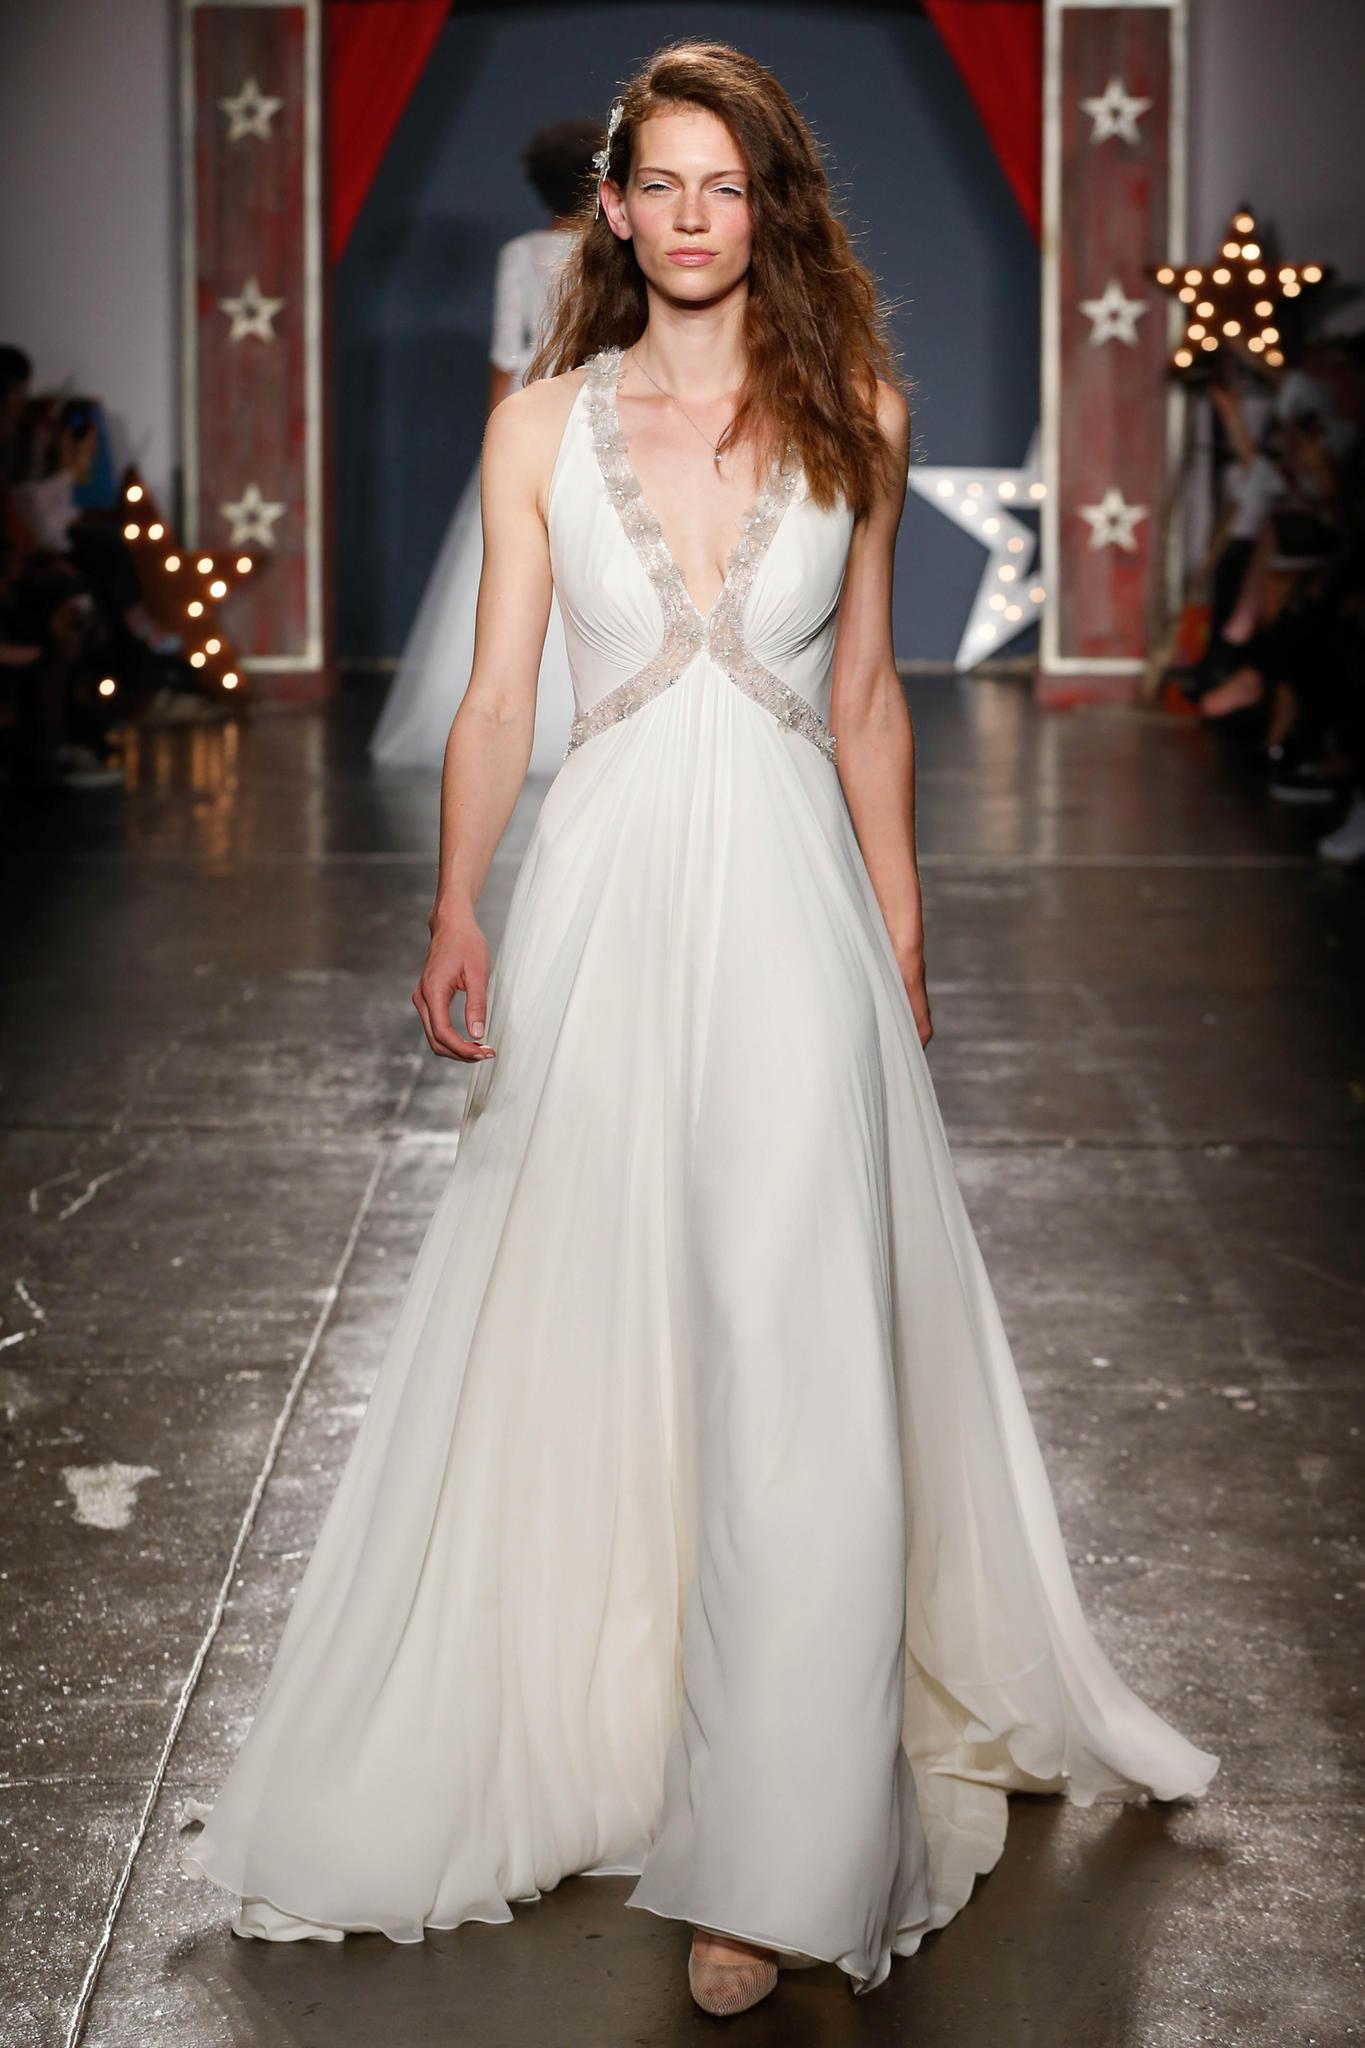 Frau im langen Hochzeitskleid